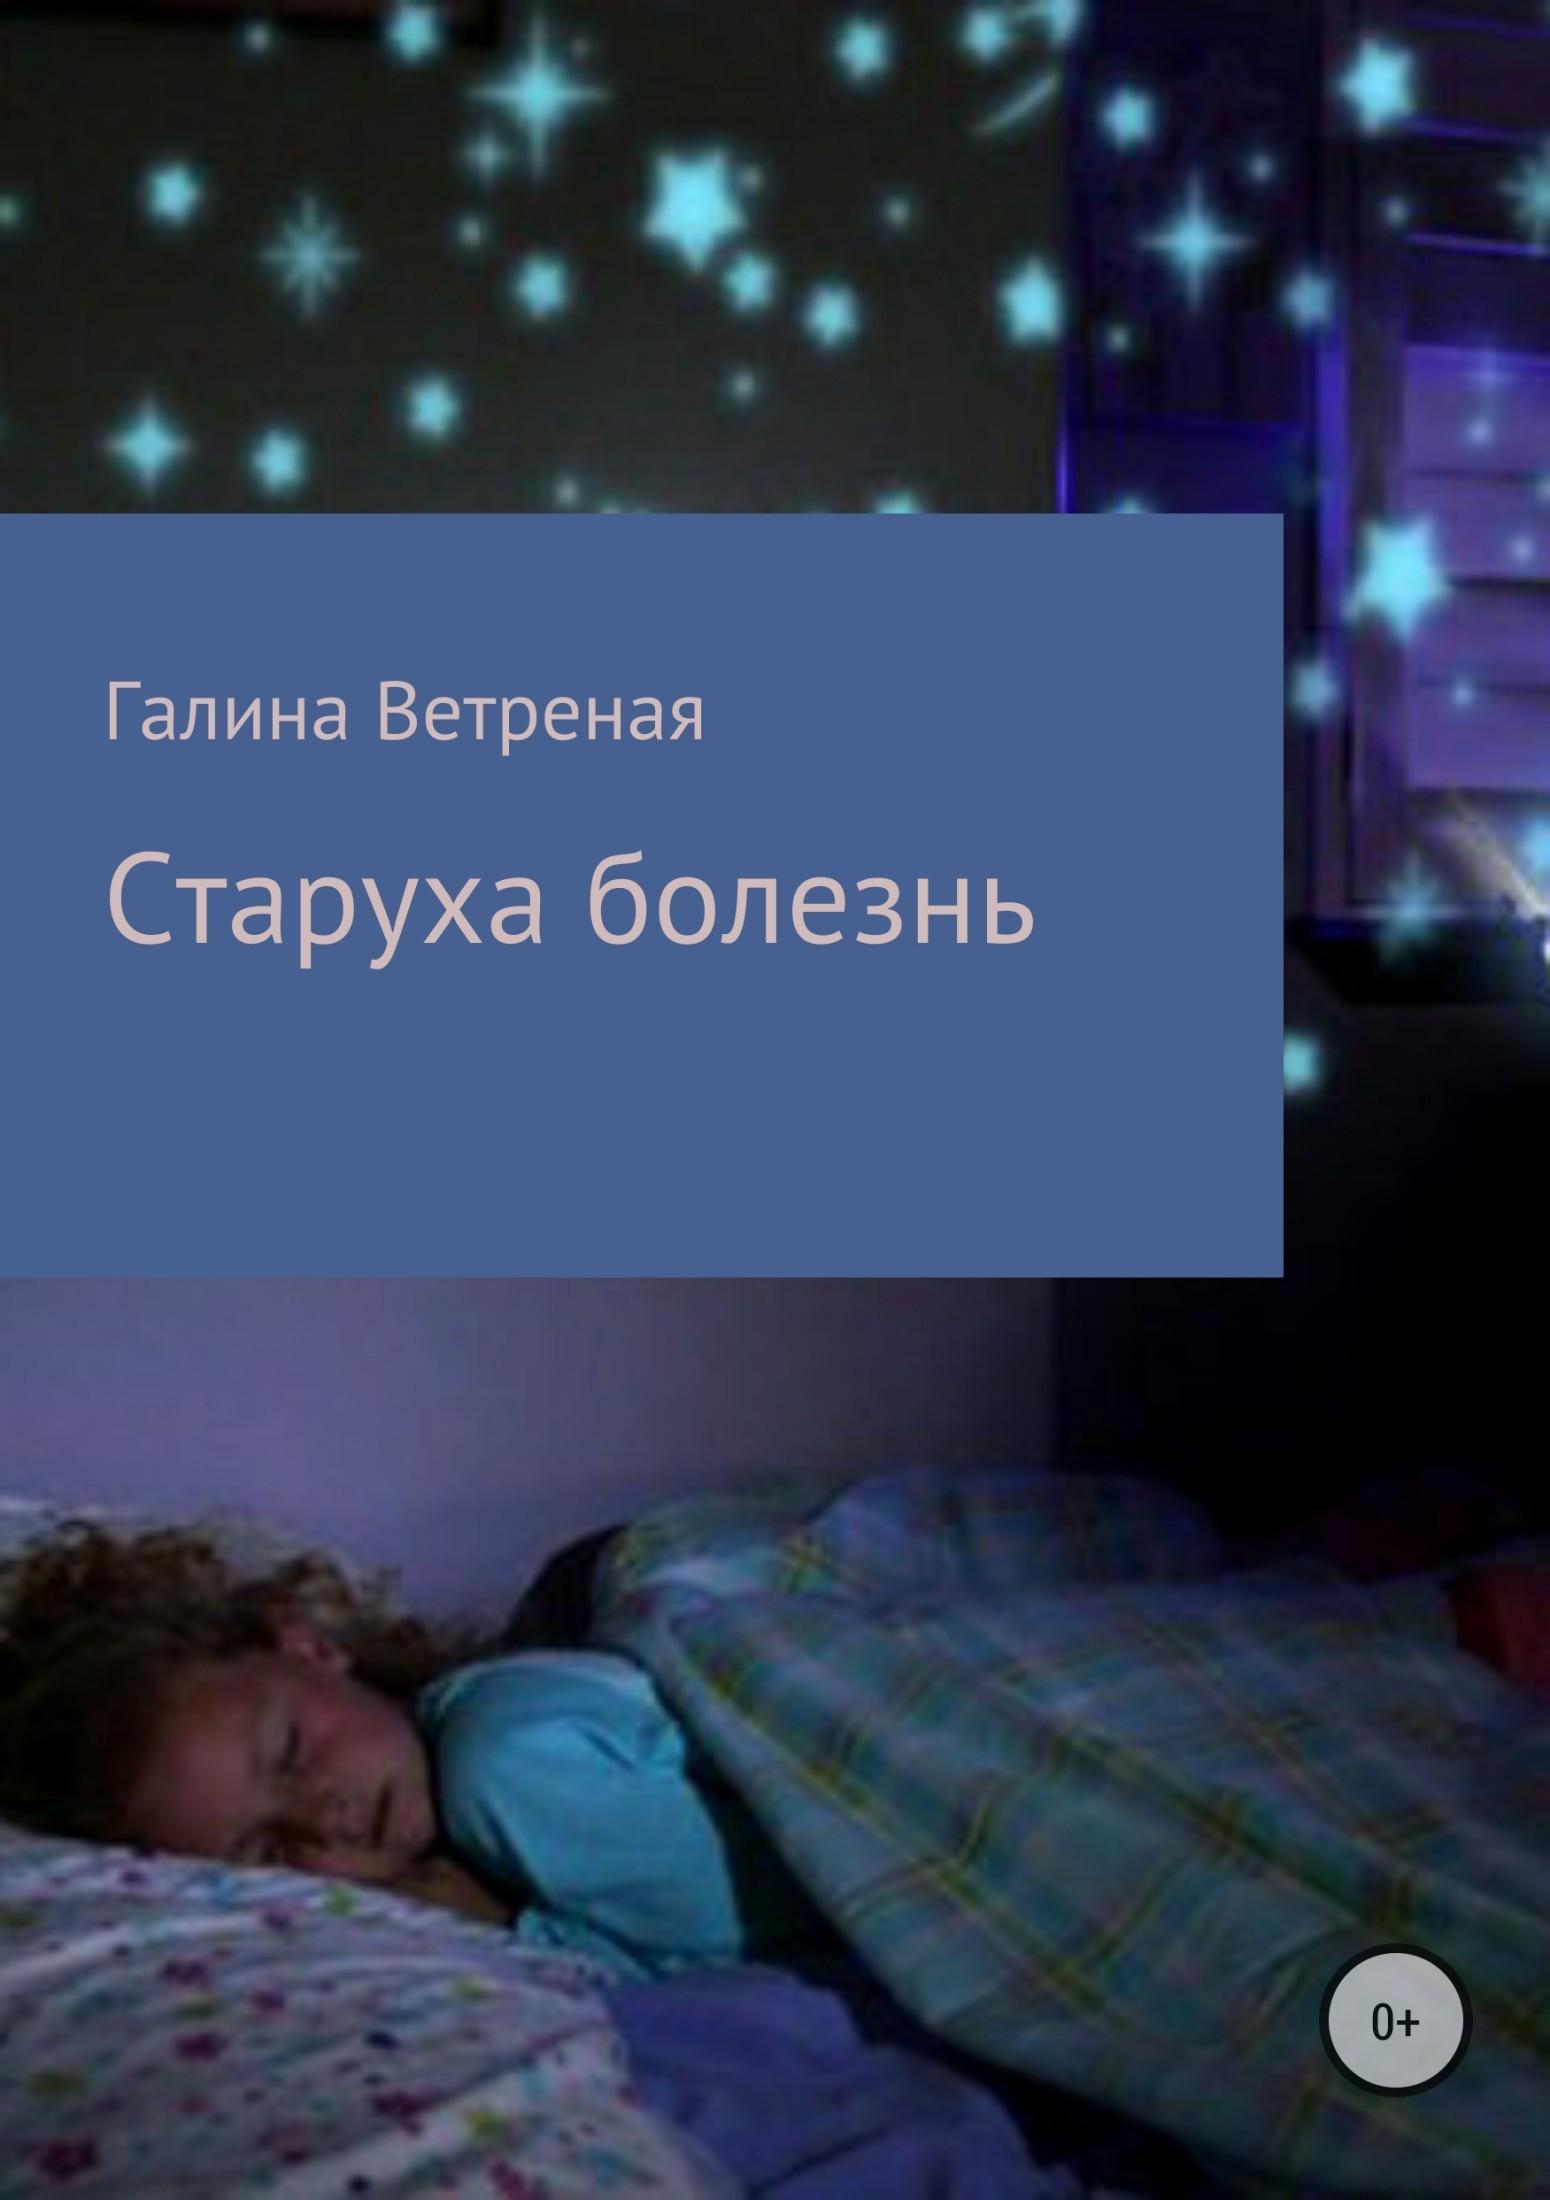 Галина Владимировна Ветреная. Старуха болезнь